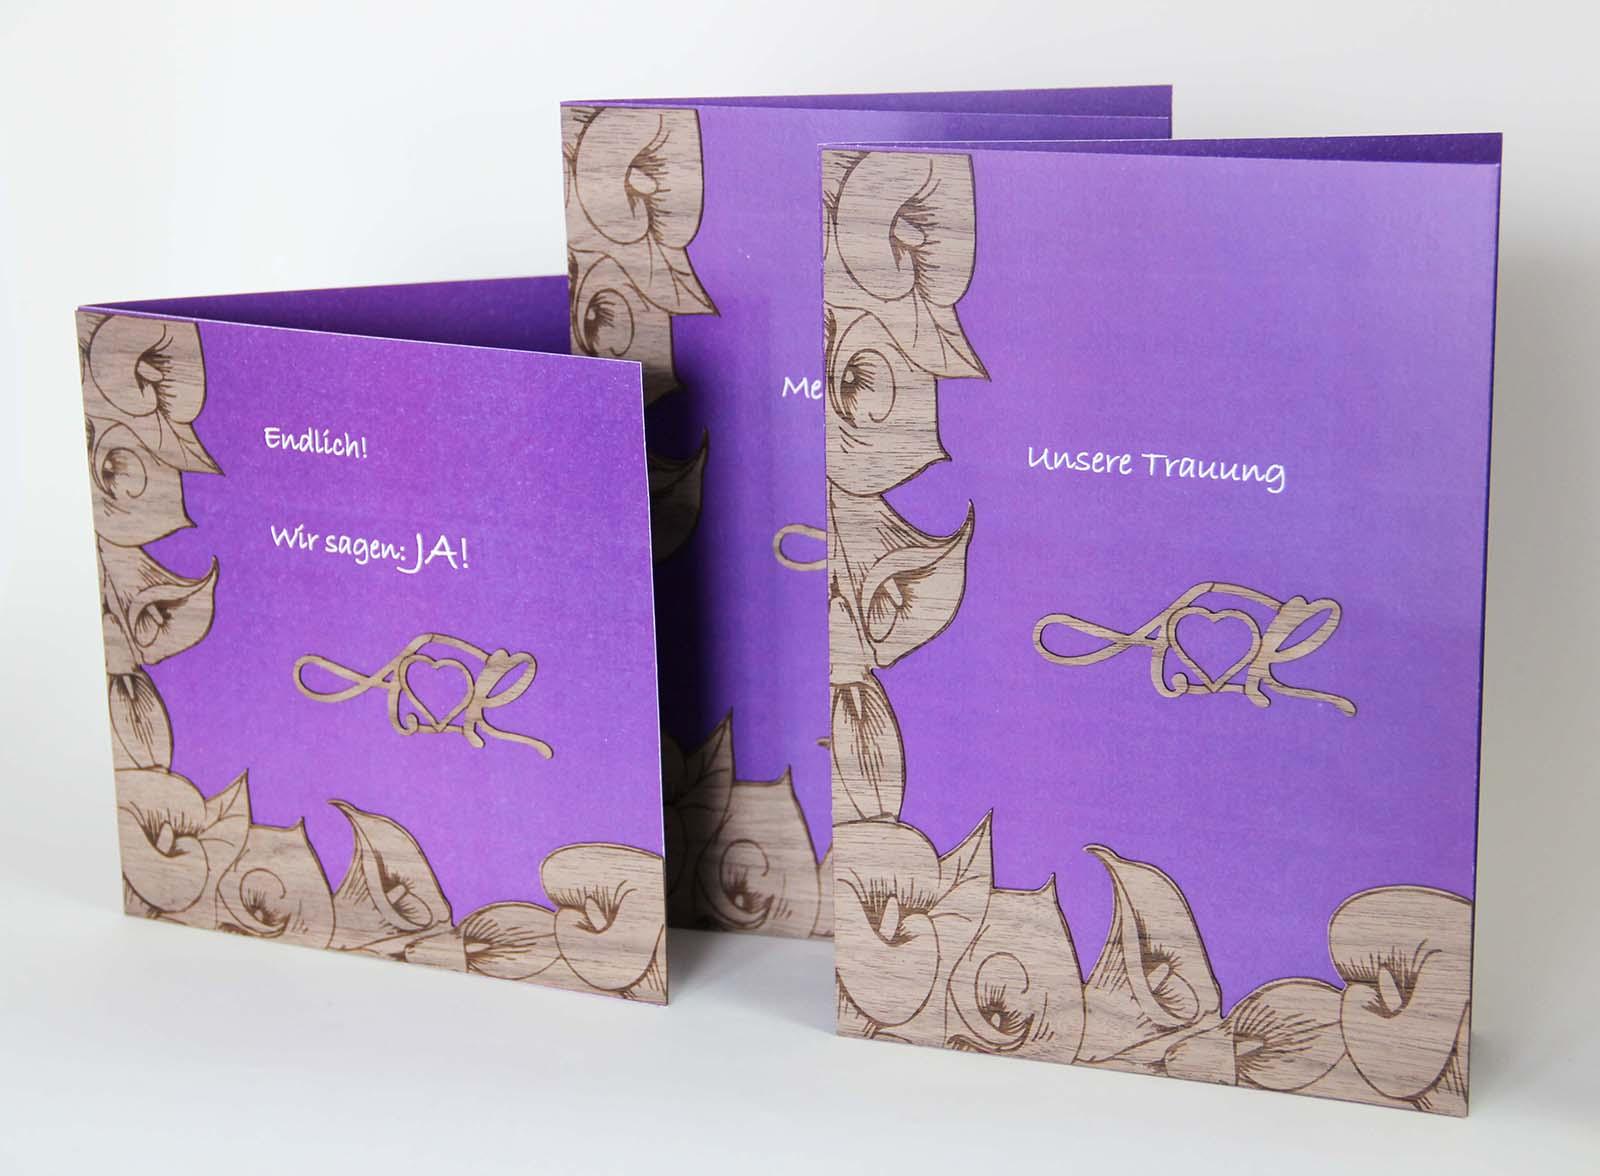 Holzgrusskarte - diverse Karten zur Hochzeit